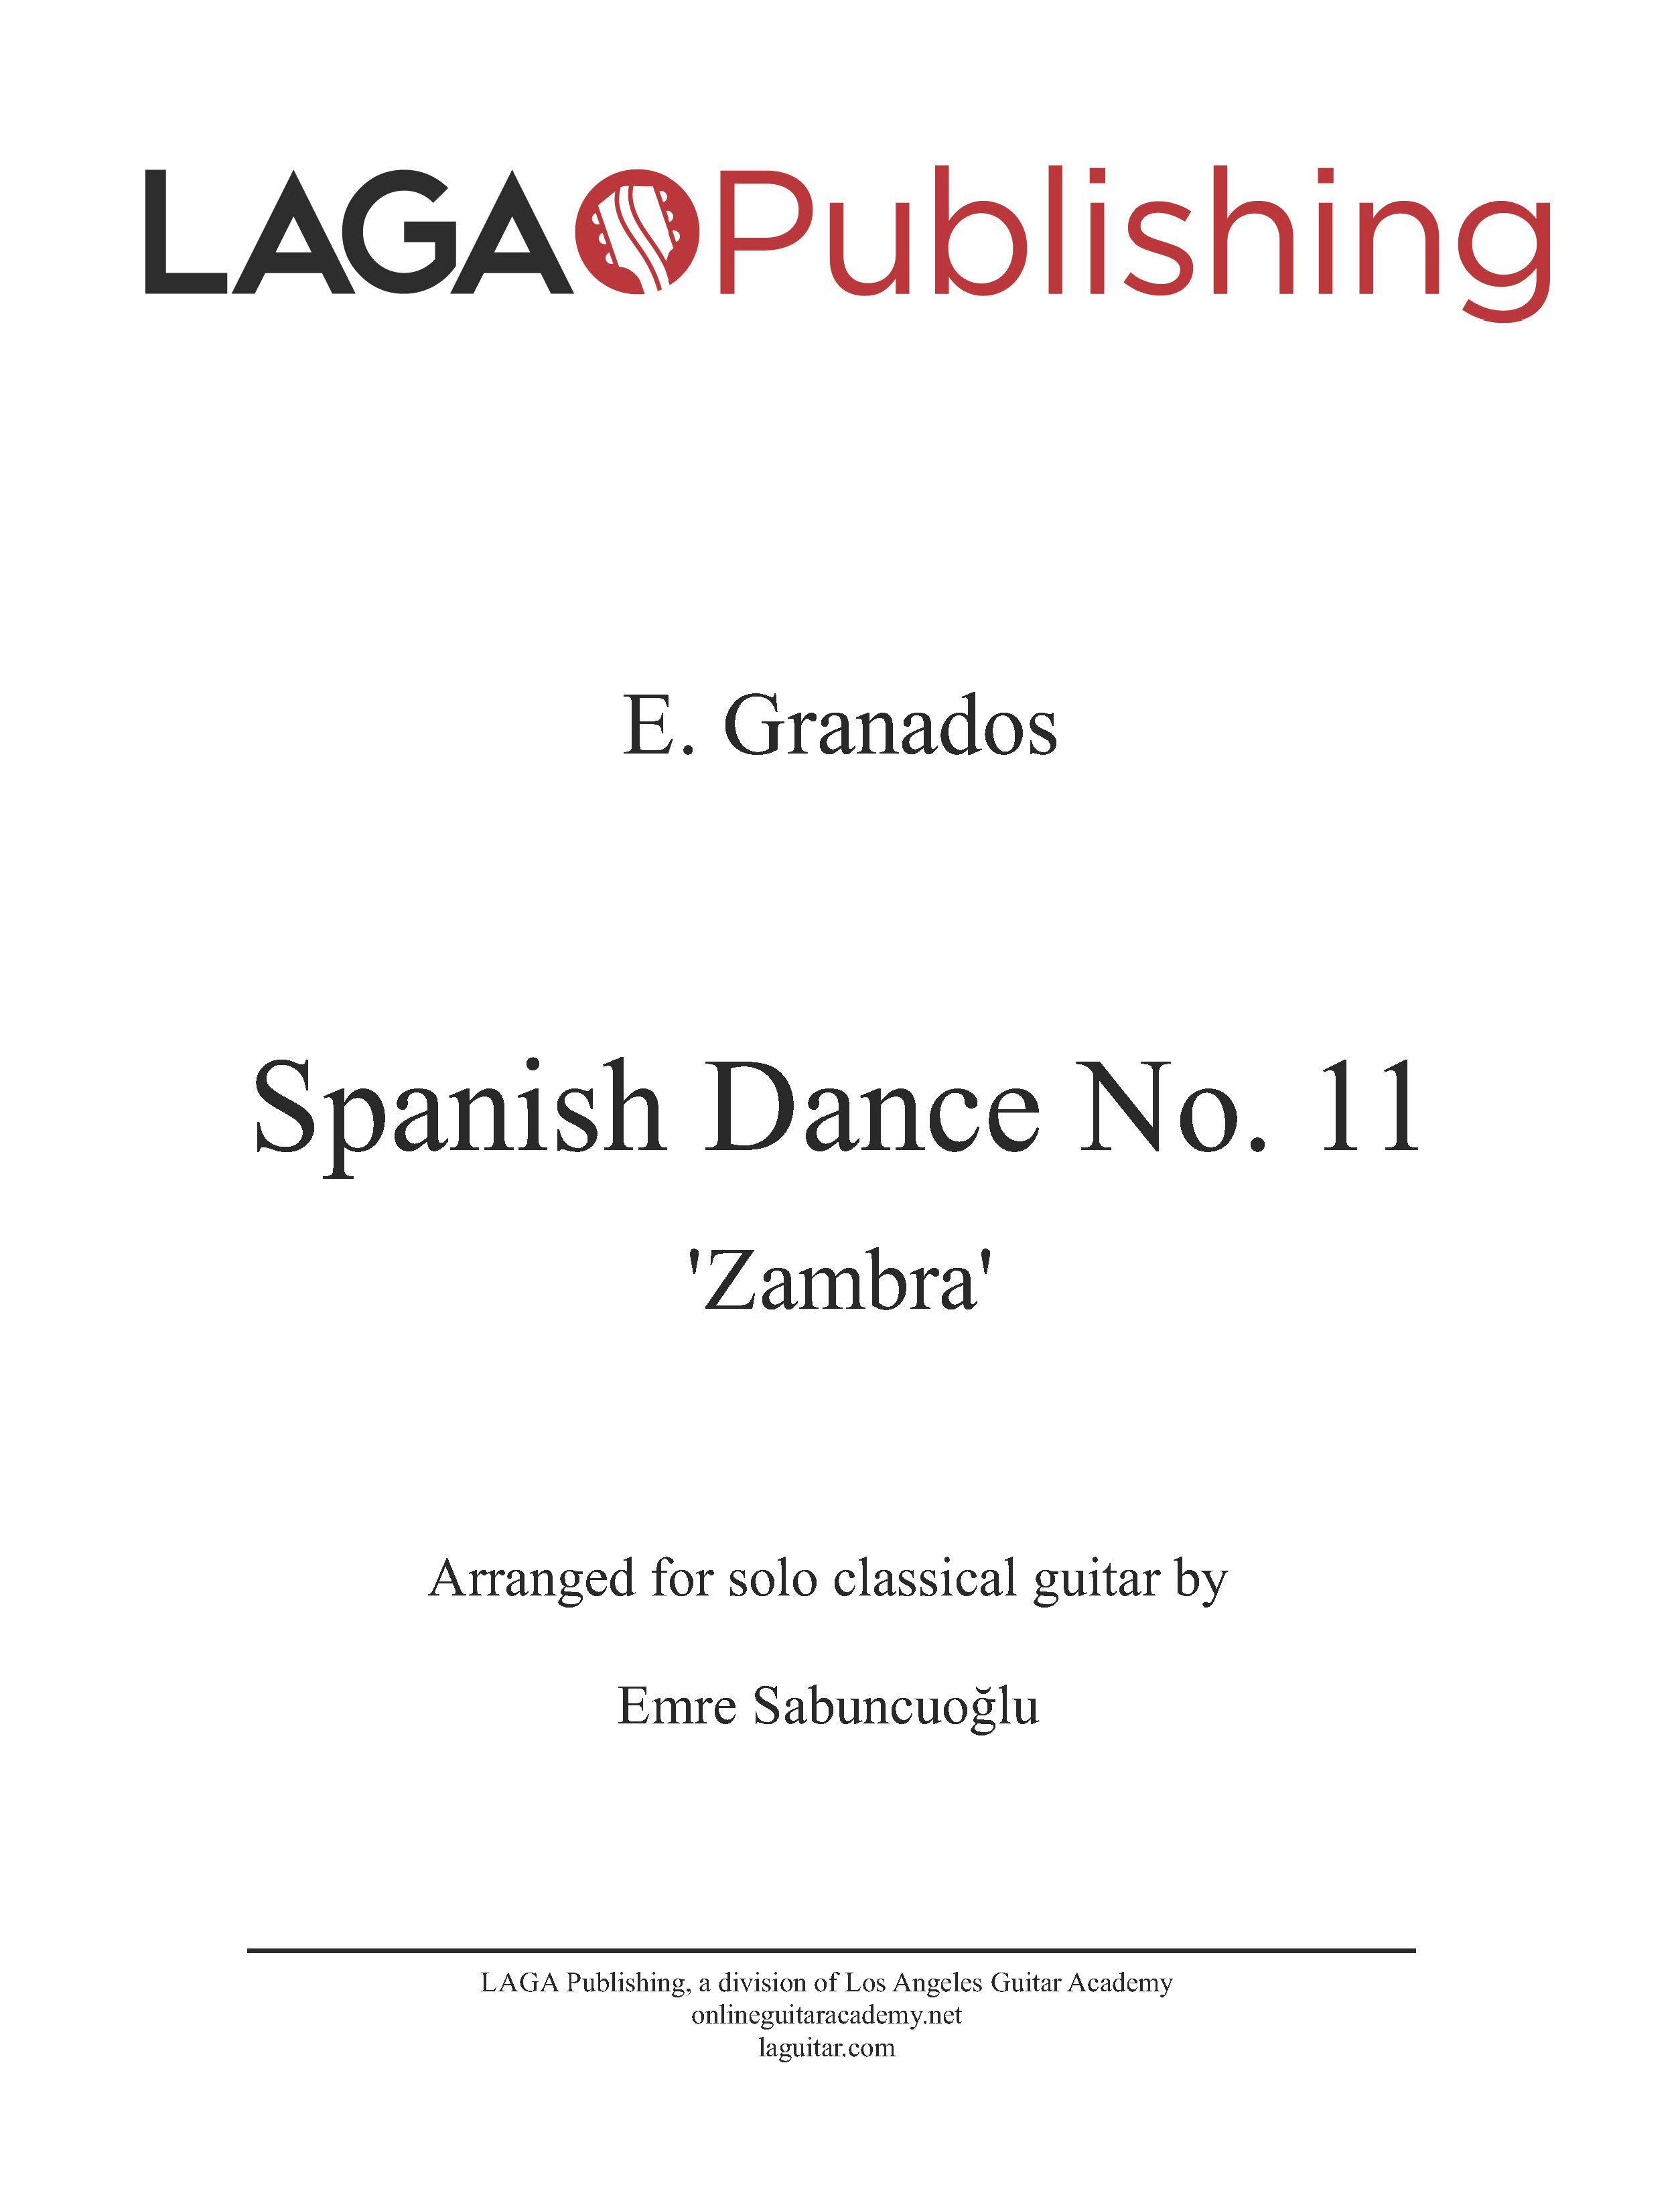 LAGA-Publishing-Granados-Spanish-Dance-11